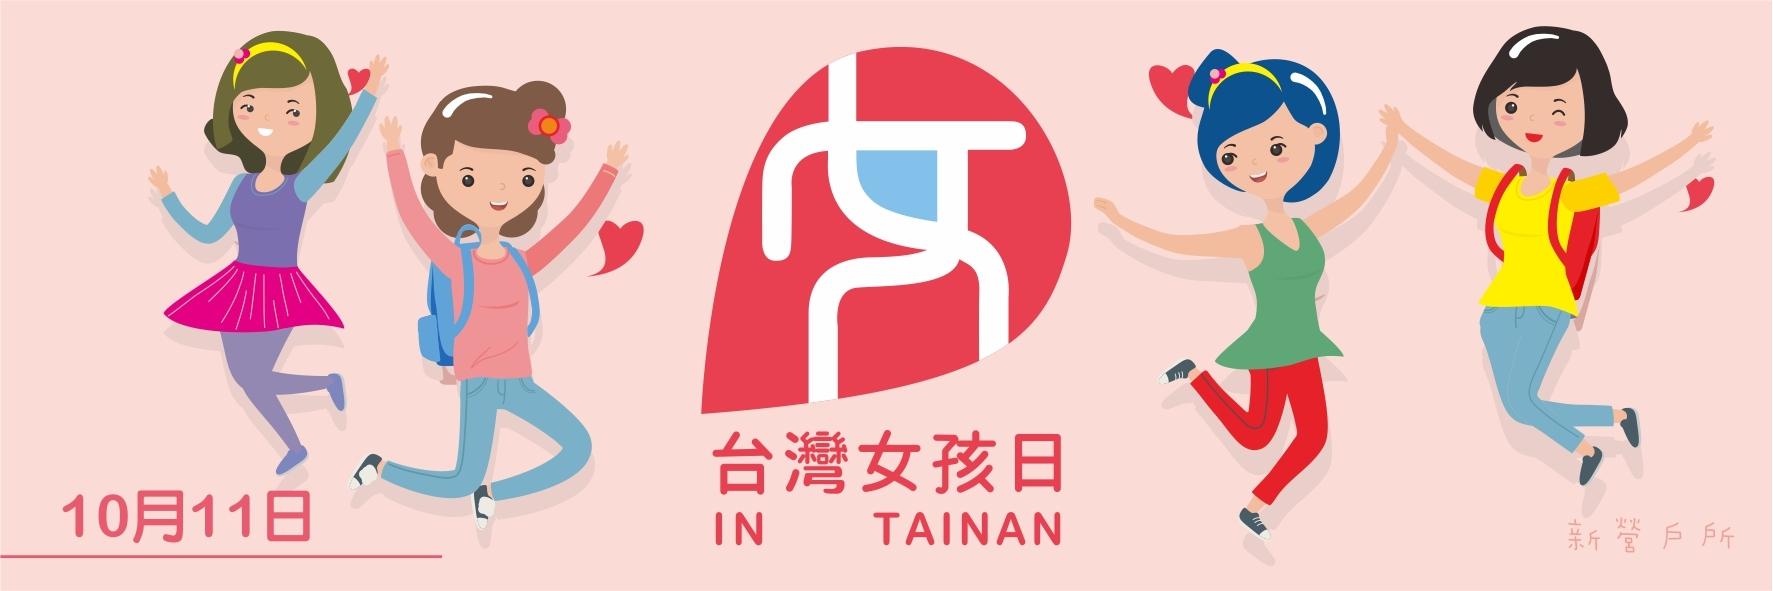 臺灣女孩日